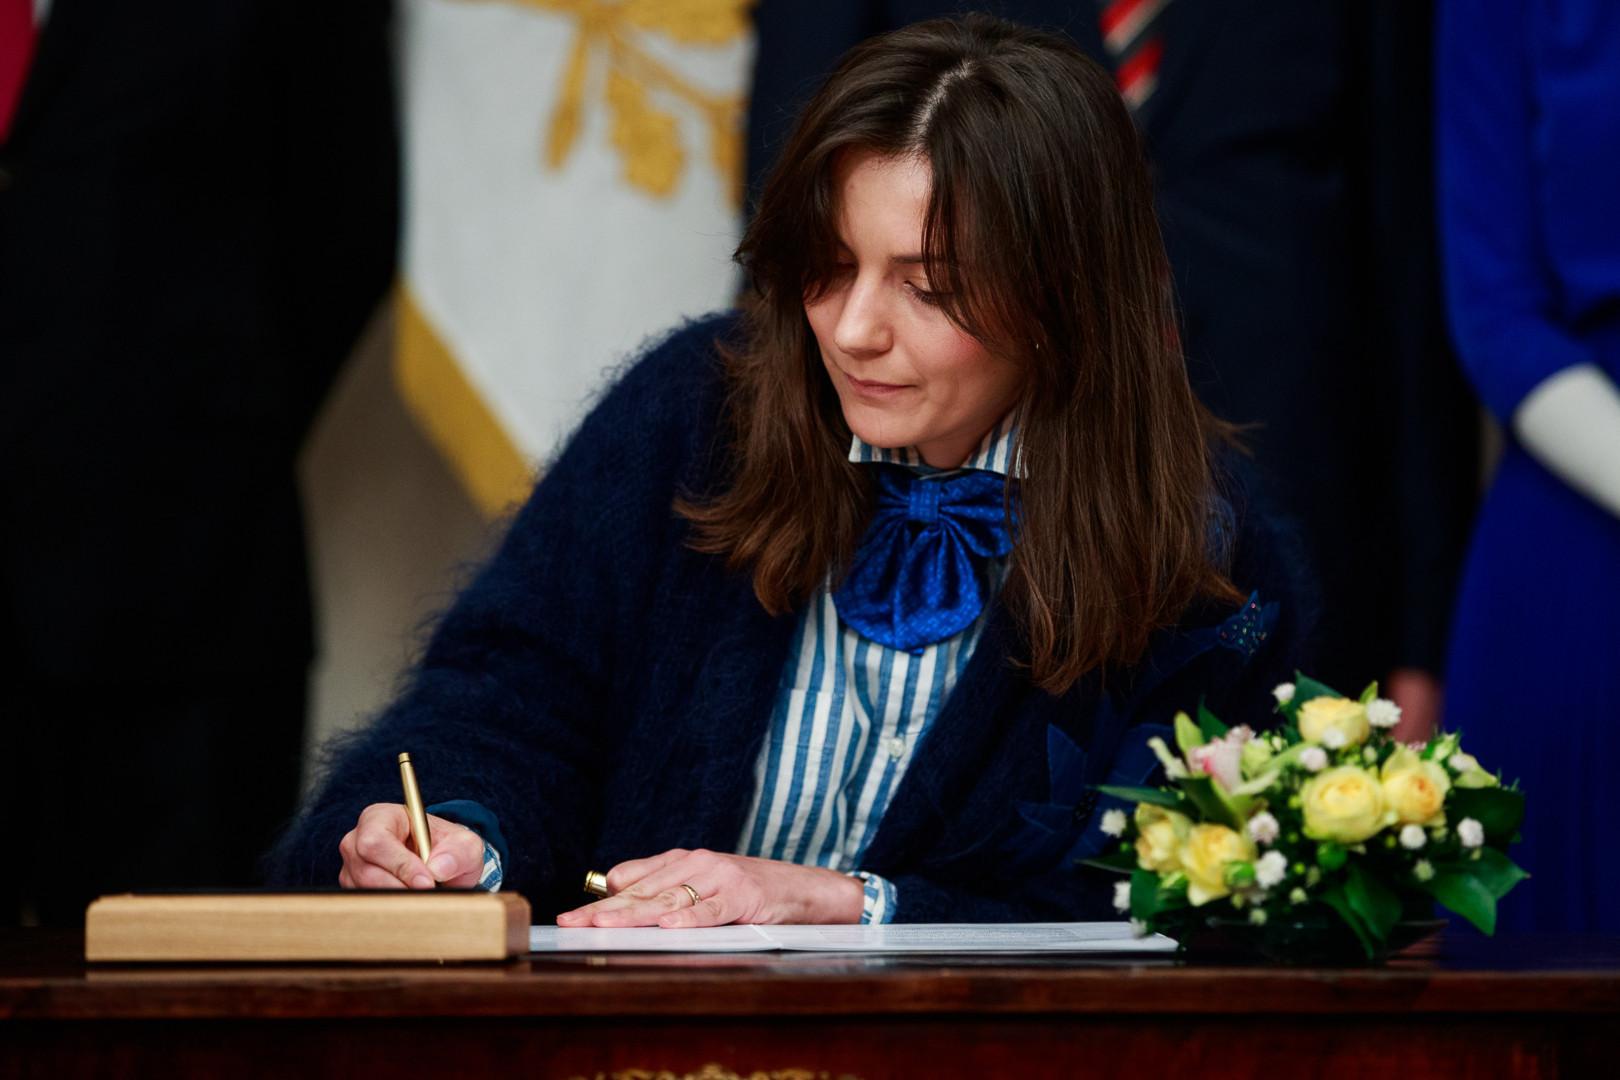 Züleyxa Izmailova: Rahvas valigu ka presidenti